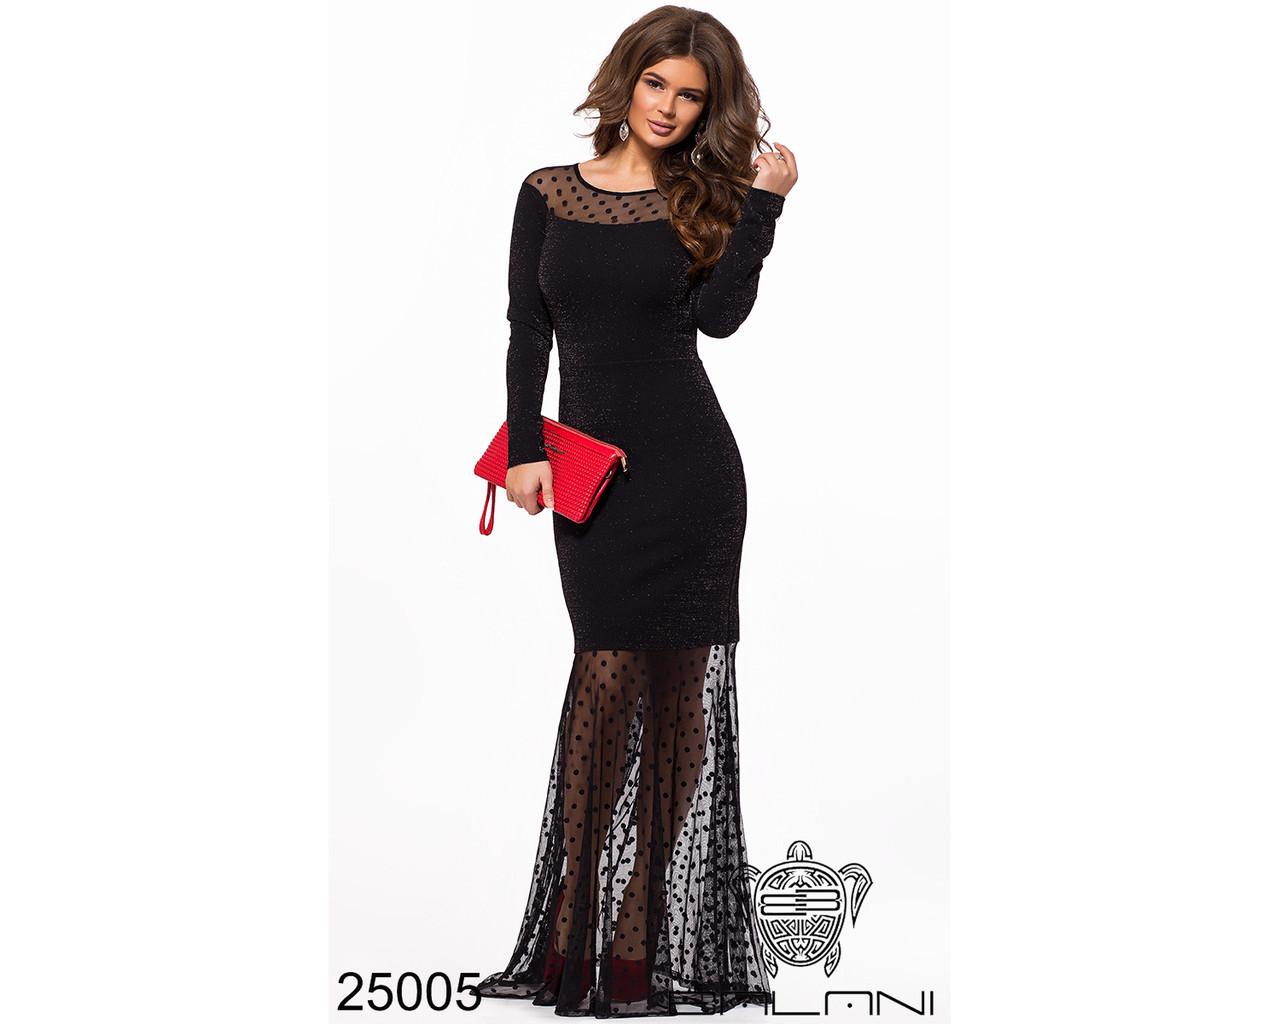 ff01d50a0a3 Черное вечернее платье в пол с длинным рукавом - Интернет магазин  «miss-podium»